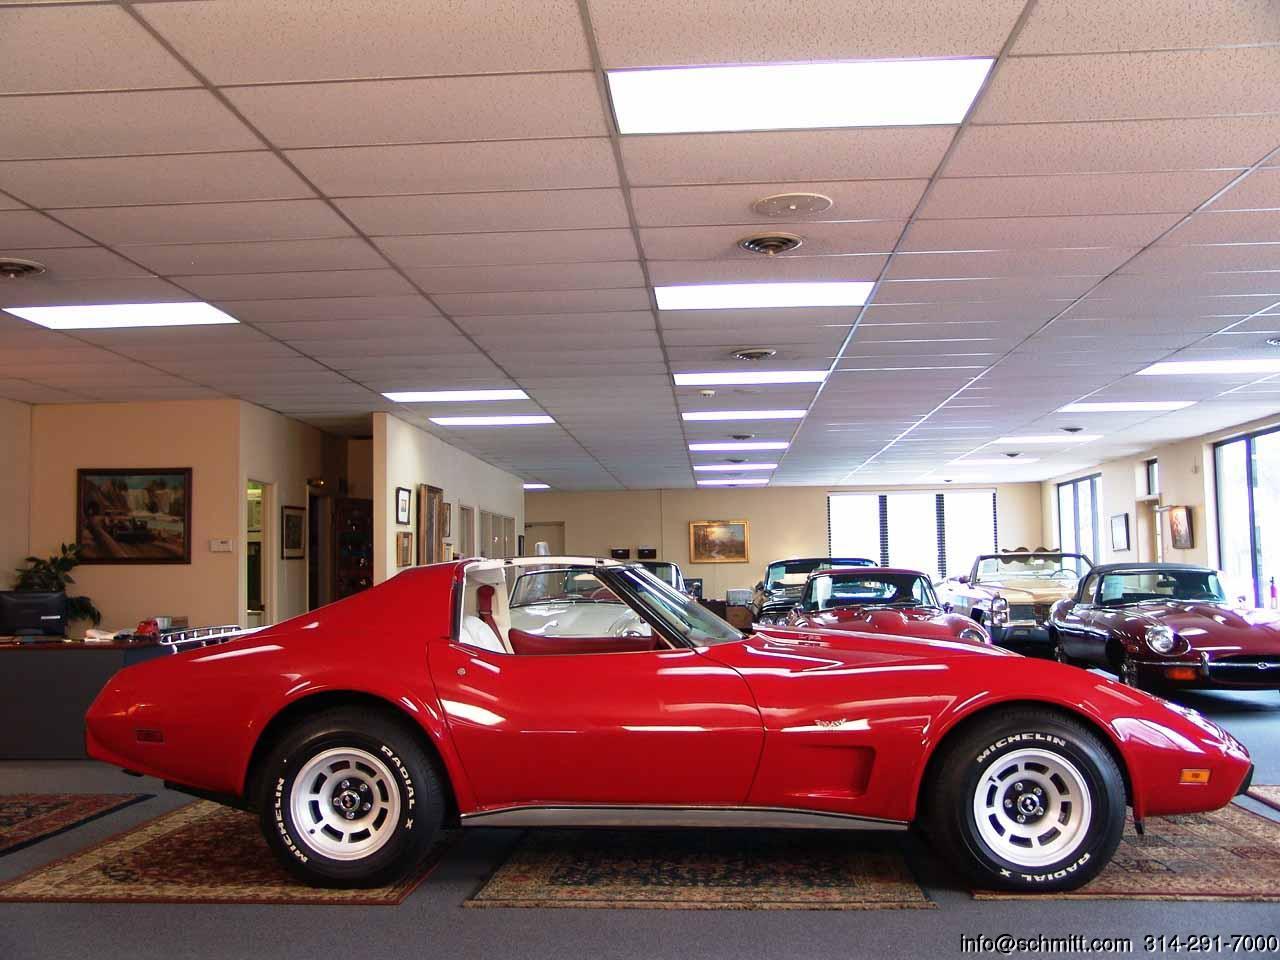 1977 chevrolet corvette l82 only 44,000 original miles — daniel